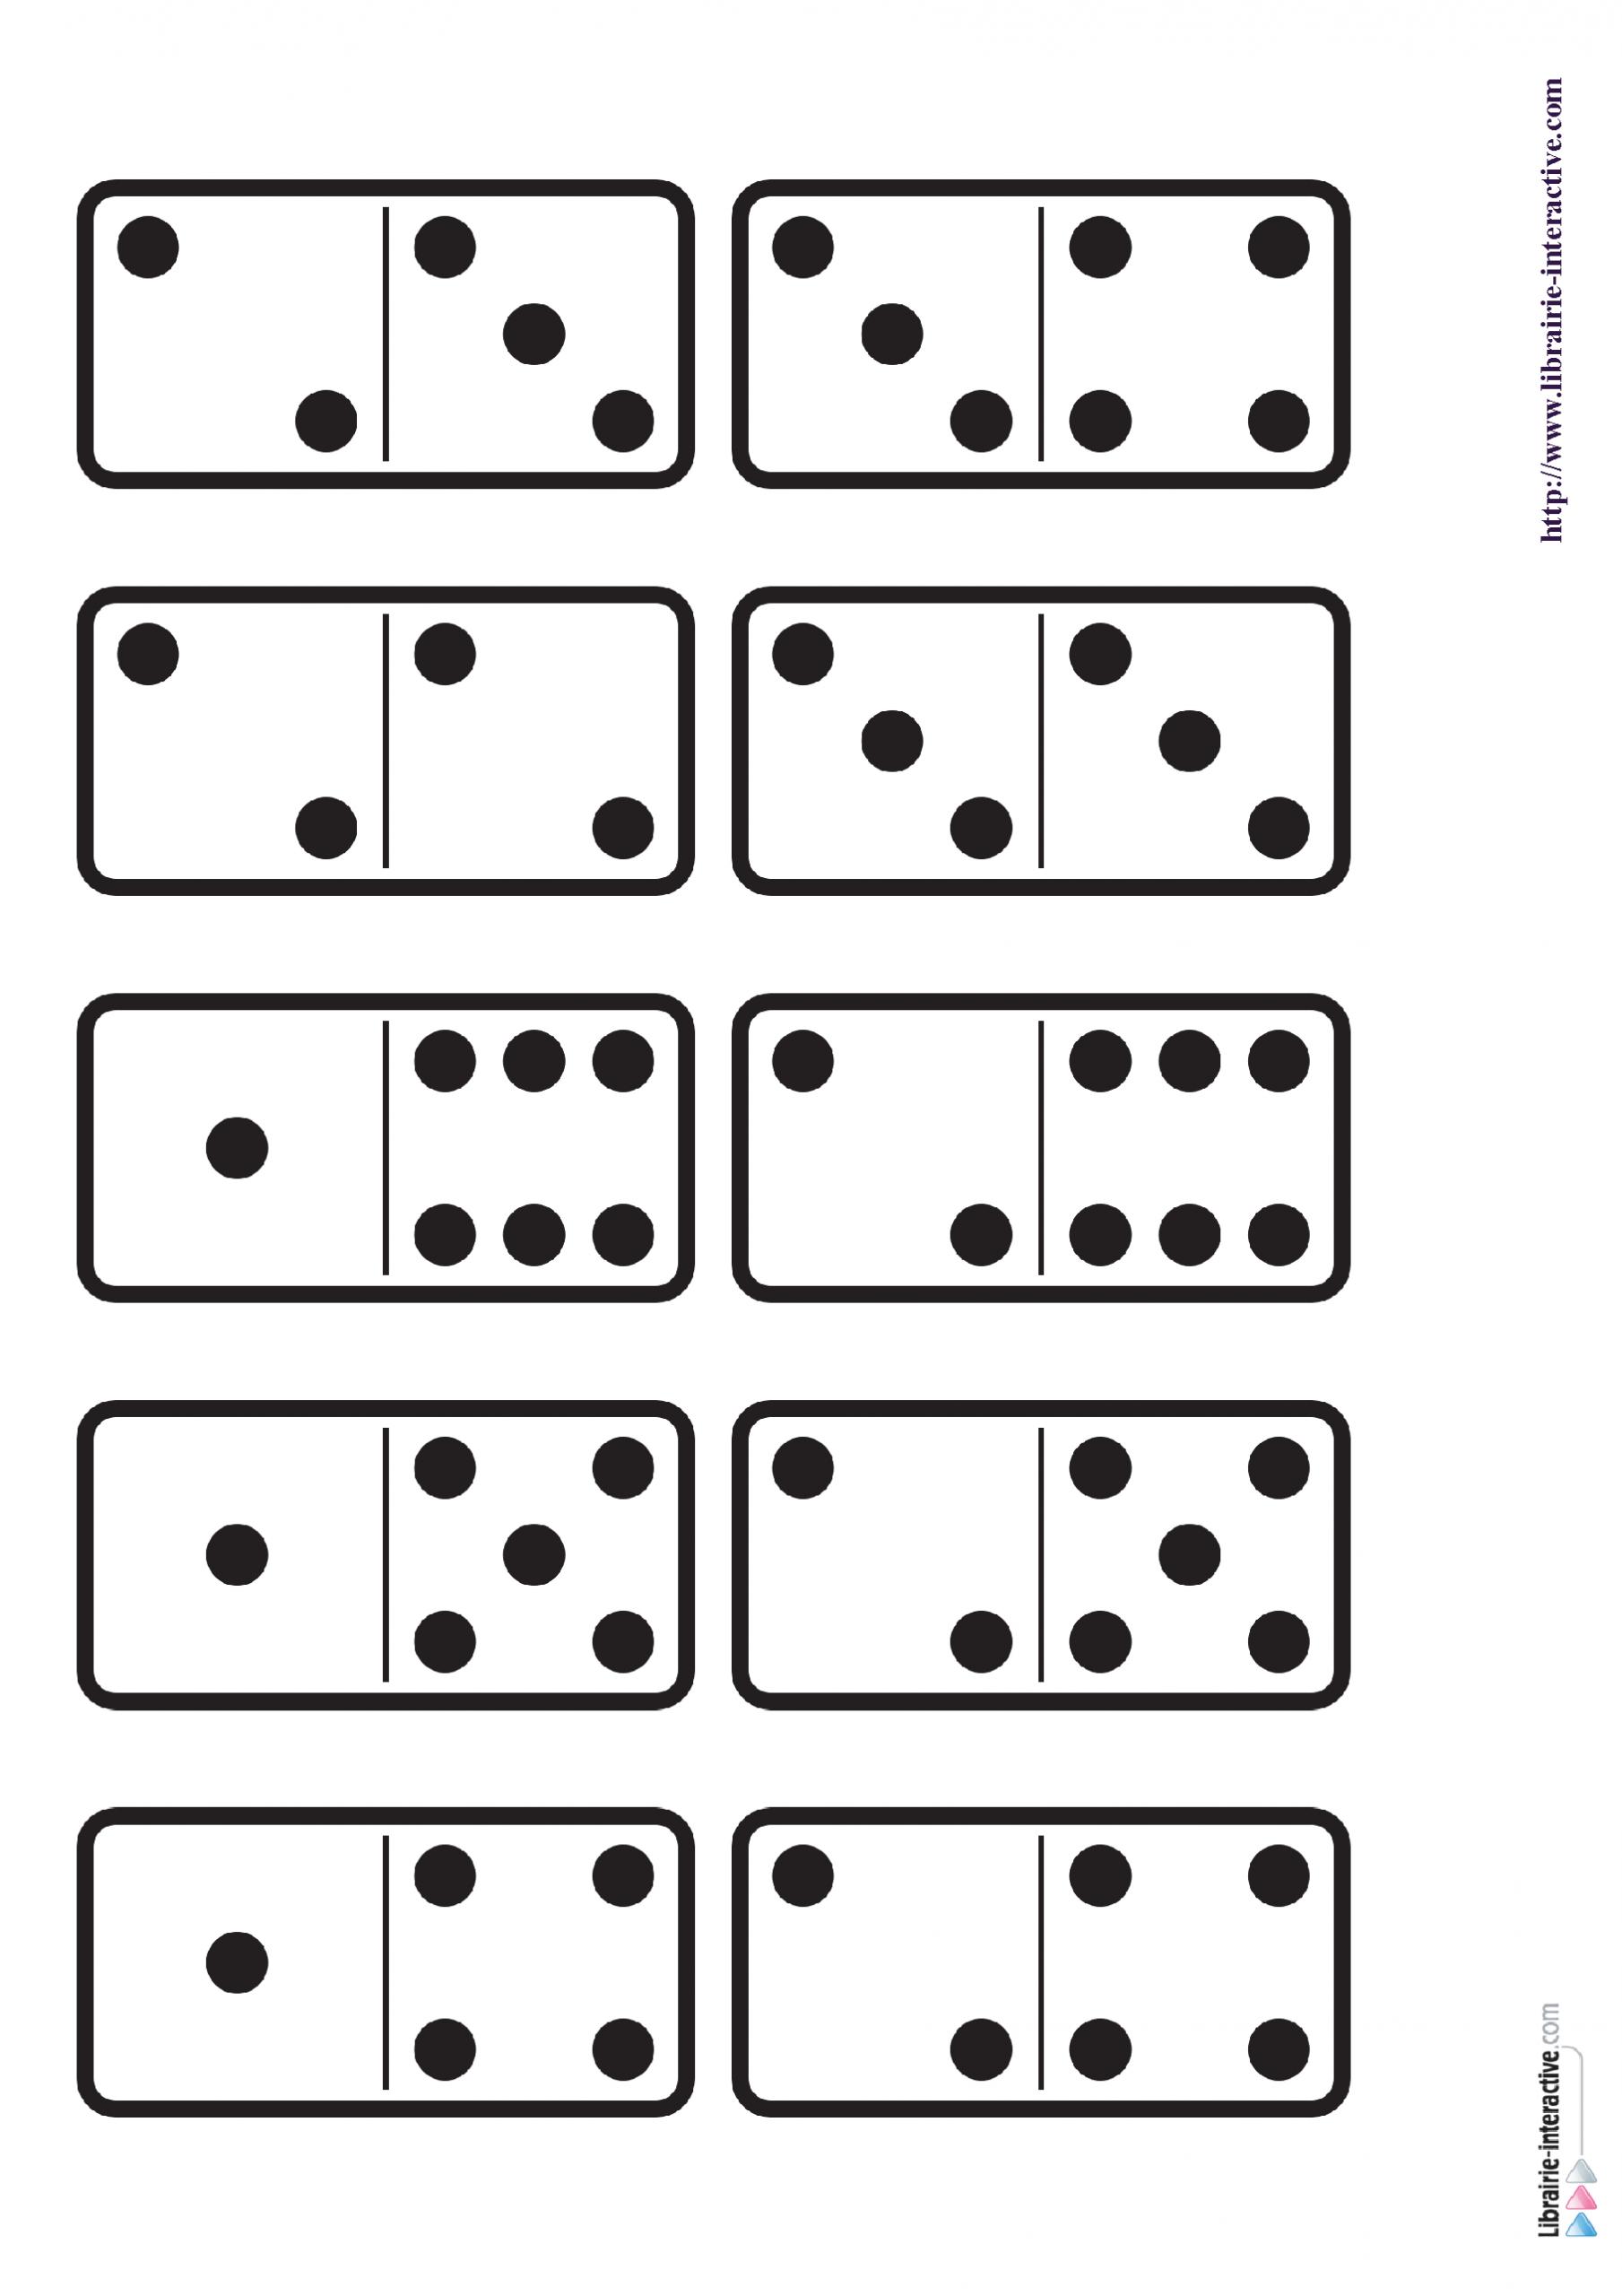 29 Images Des Dominos Des Chiffres De 1 À 6 Ainsi Qu'une intérieur Dominos À Imprimer